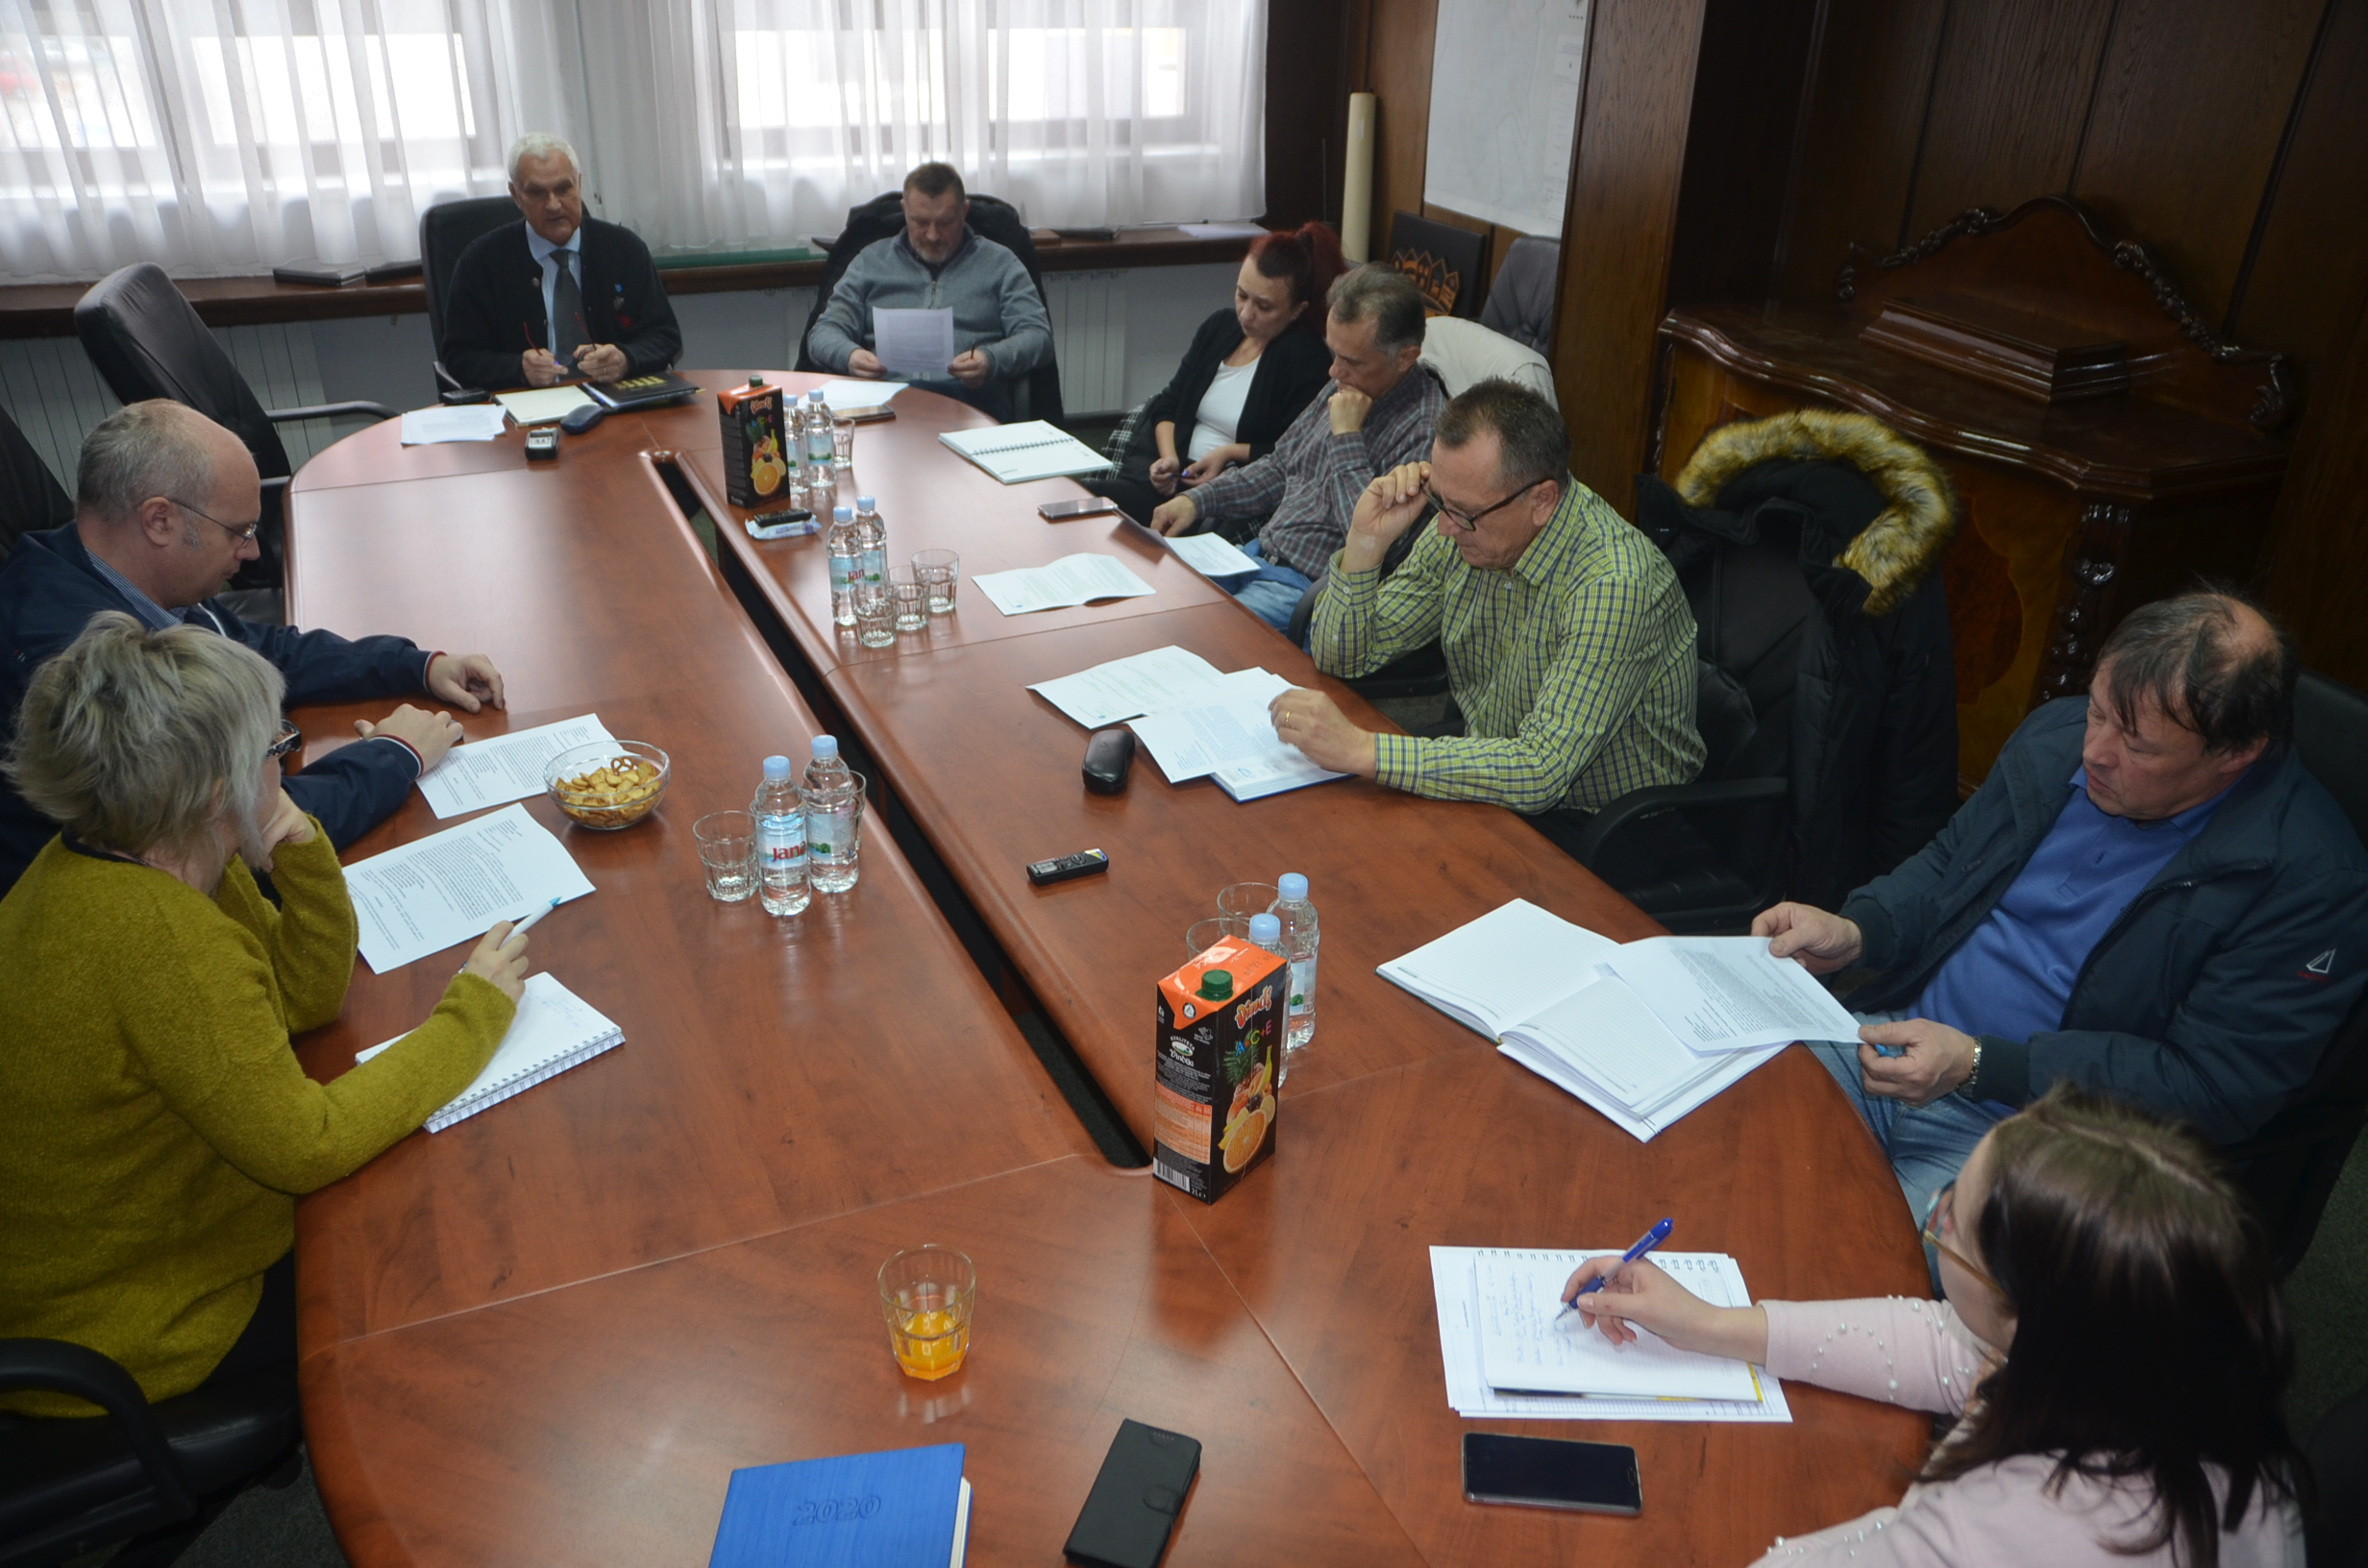 Nova pitanja vezana uz program pojavila su se na koordinaciji goranskih načelnika i gostiju iz programa Zaželi / Snimio Marinko KRMPOTIĆ